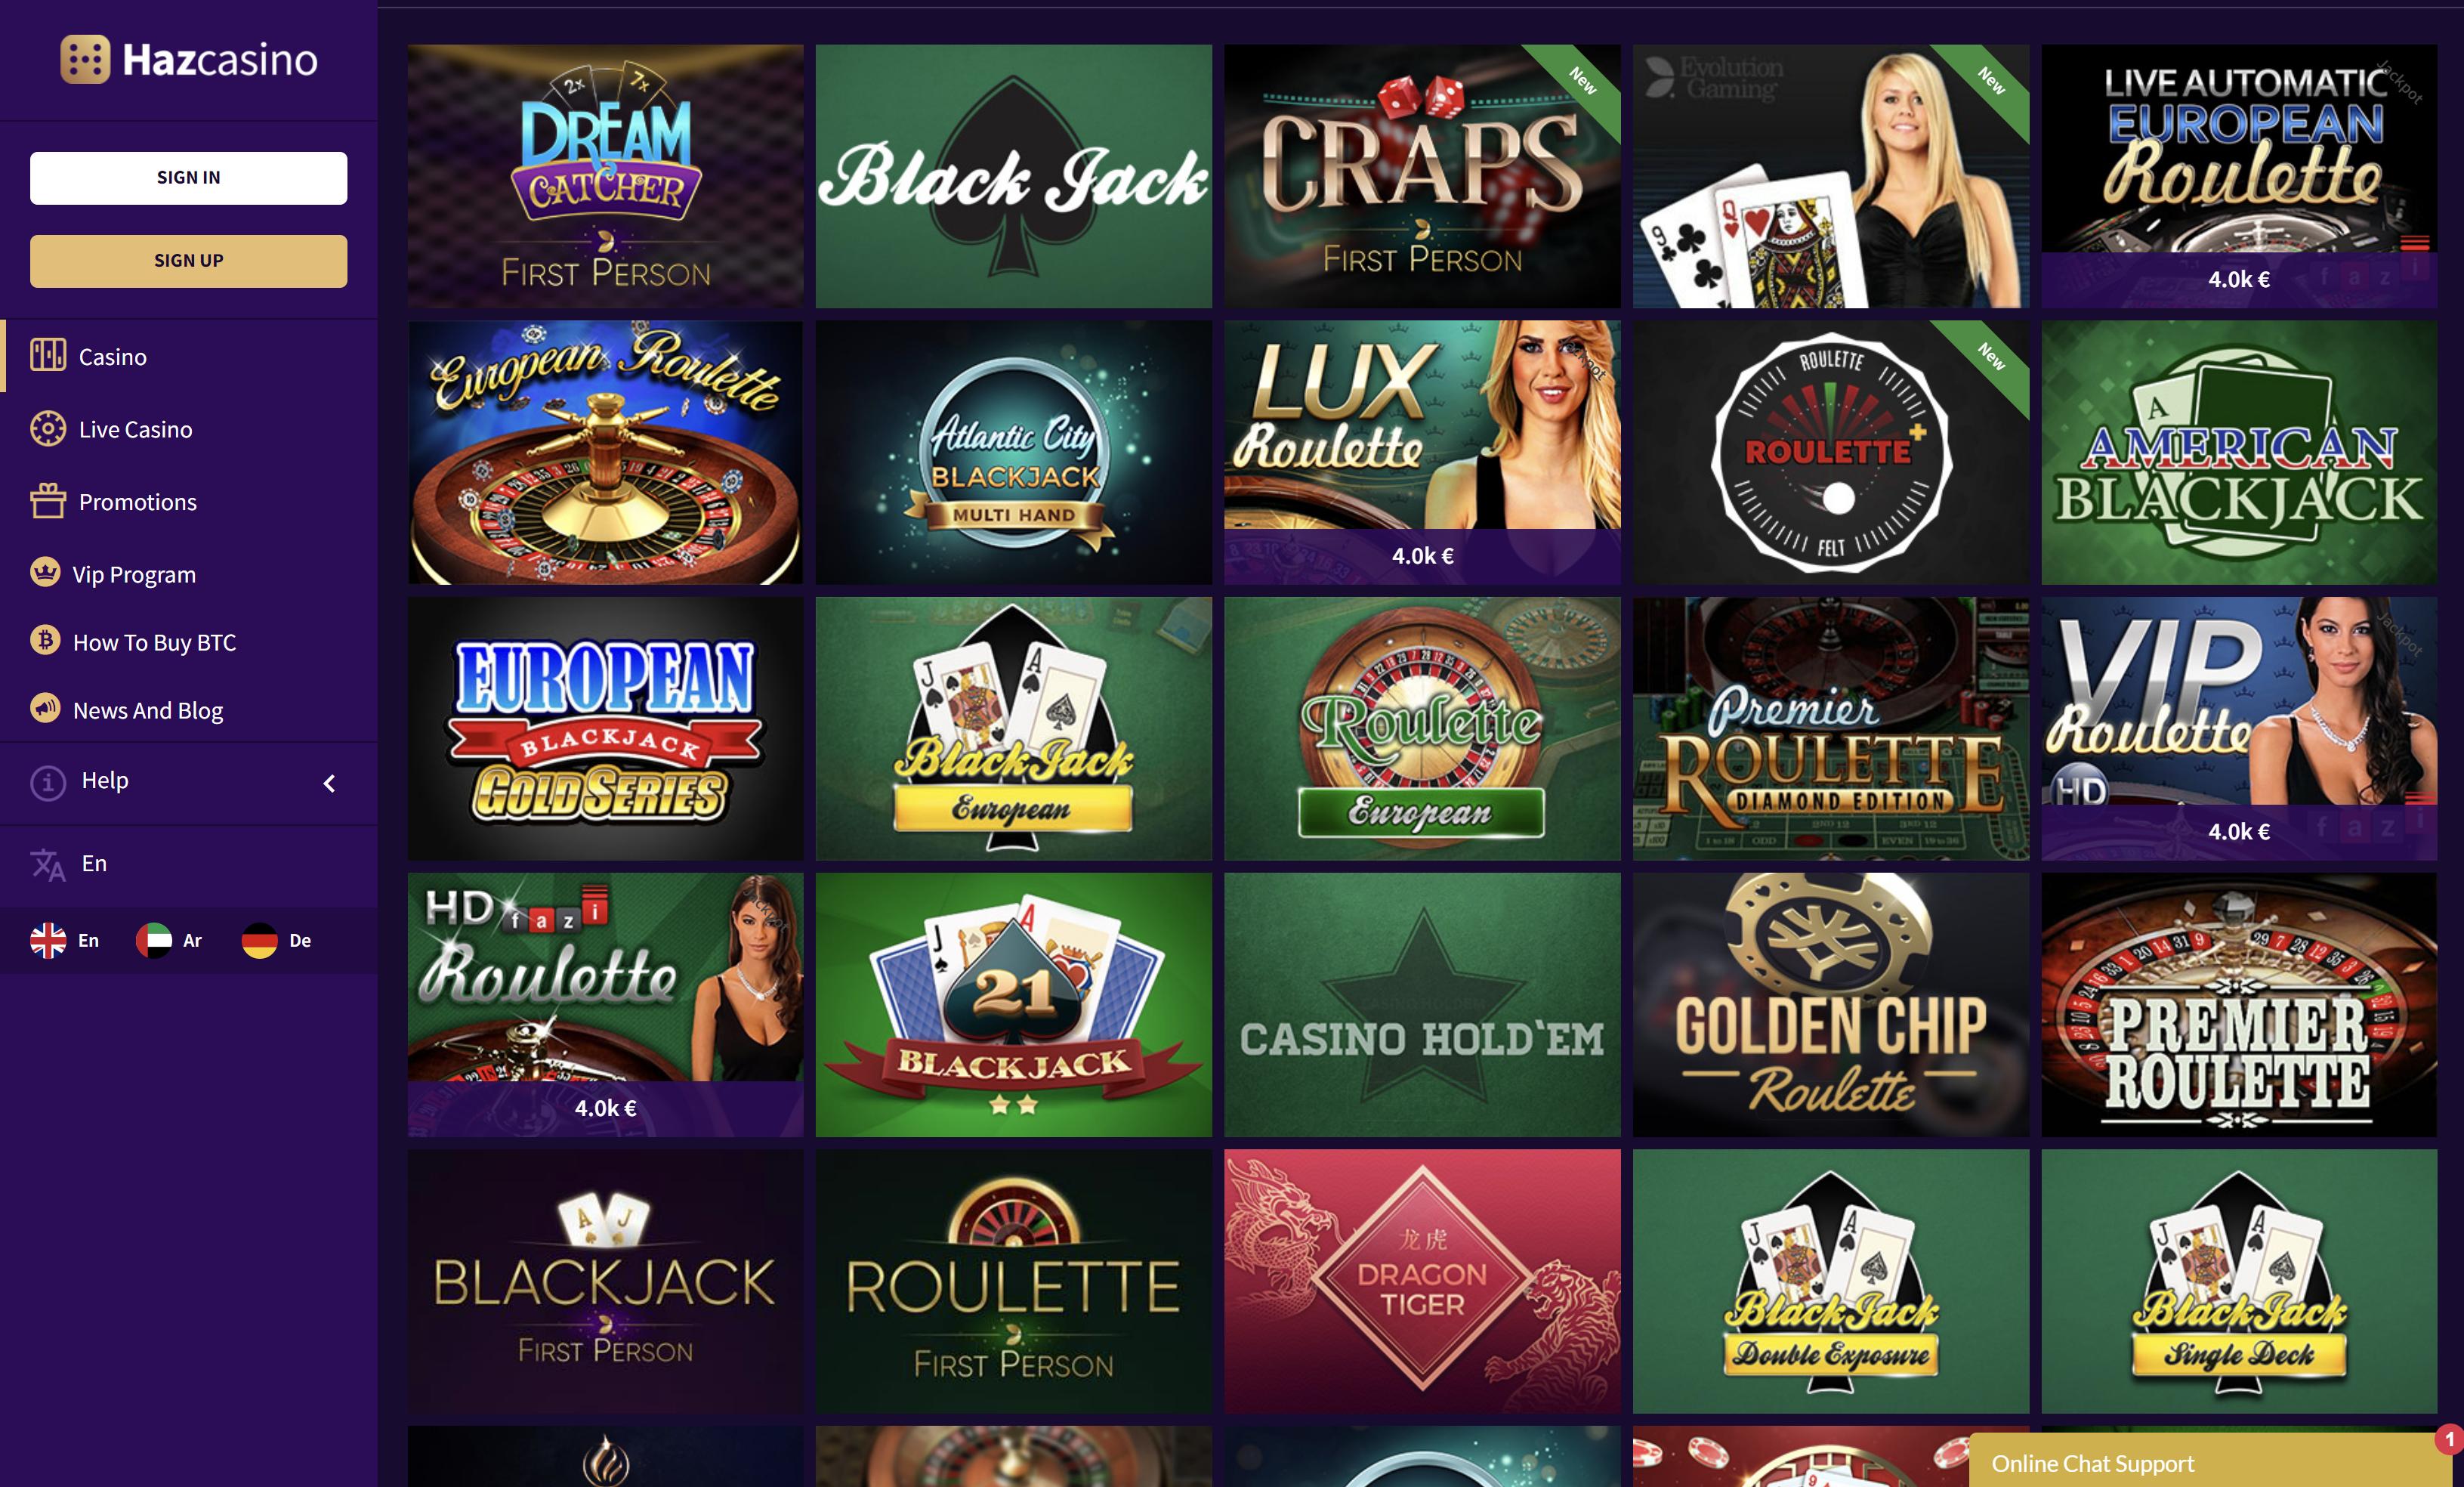 haz casino stalo žaidimai blackjack ruletė bakara